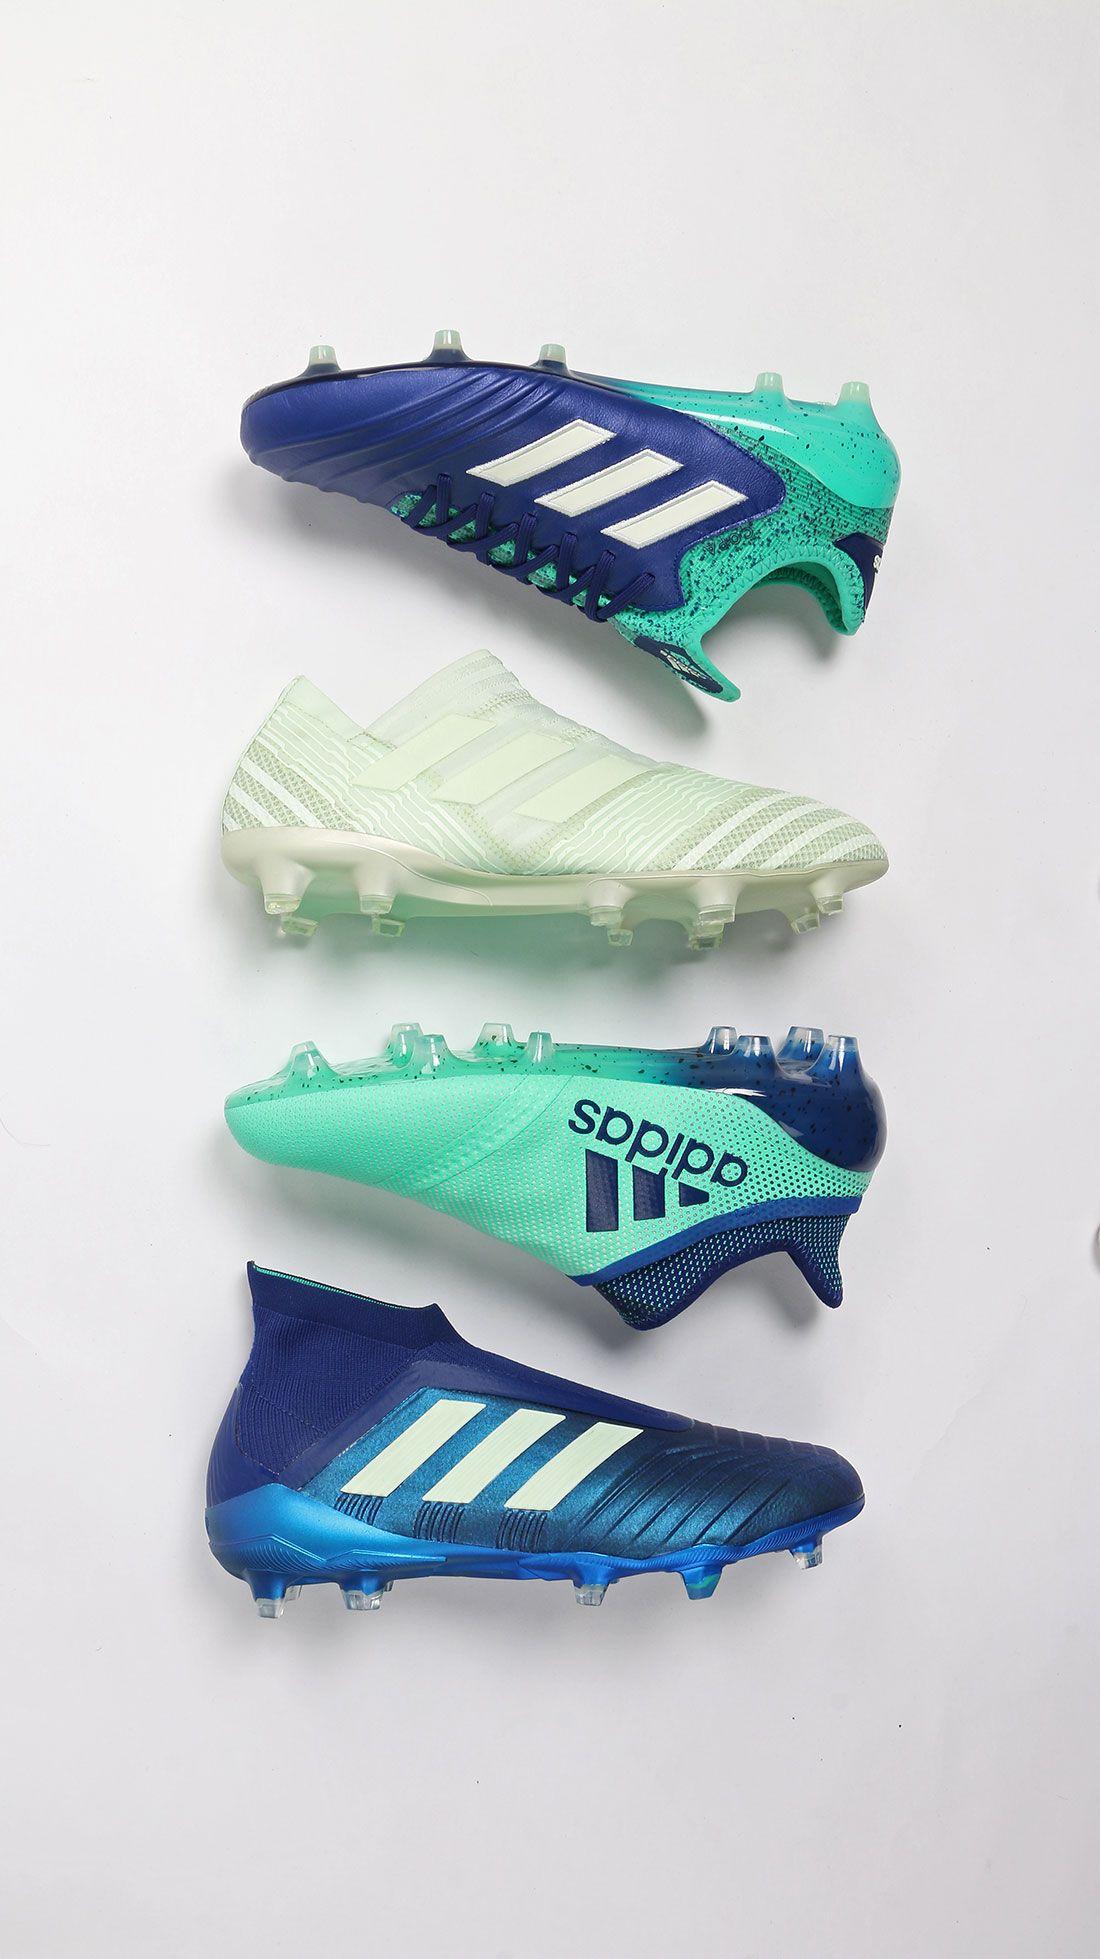 Colección de botas de fútbol con tacos adidas deadly strike. Foto  Marcela  Sansalvador para futbolmania.com  adidas  deadlystrike  futbolmania   ... b6102b33e40f8